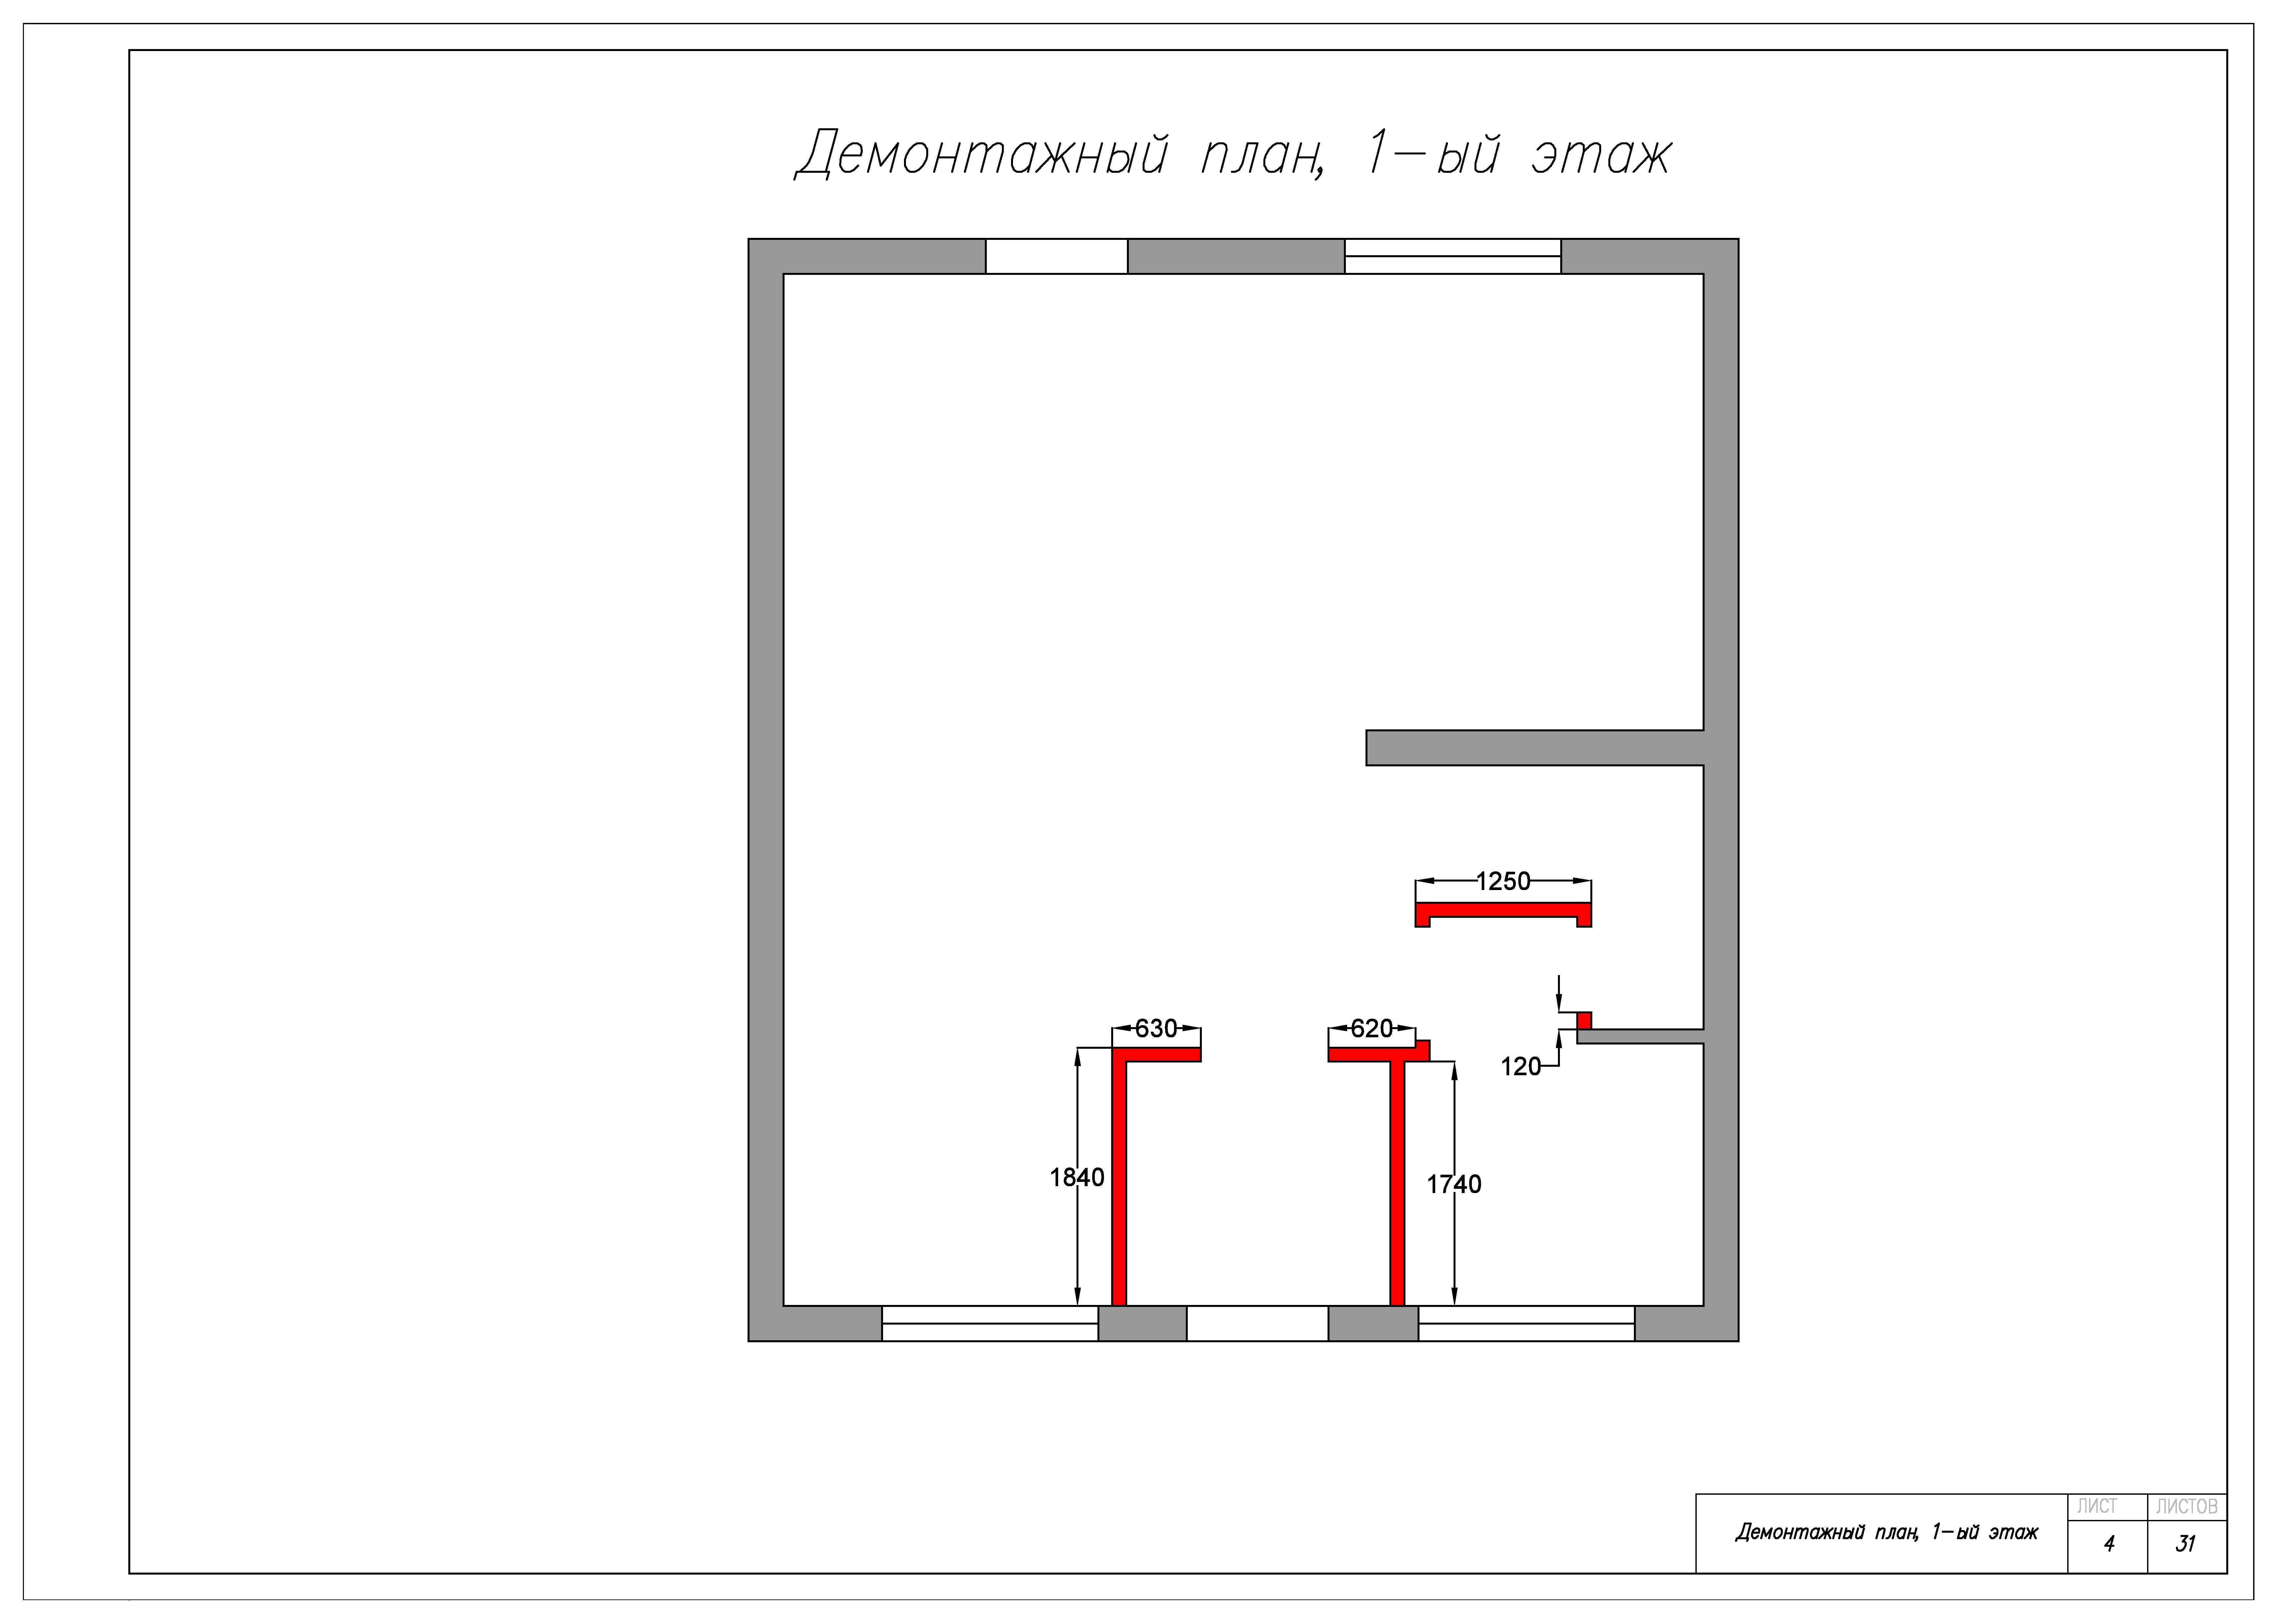 Демонтажный план,1 этаж